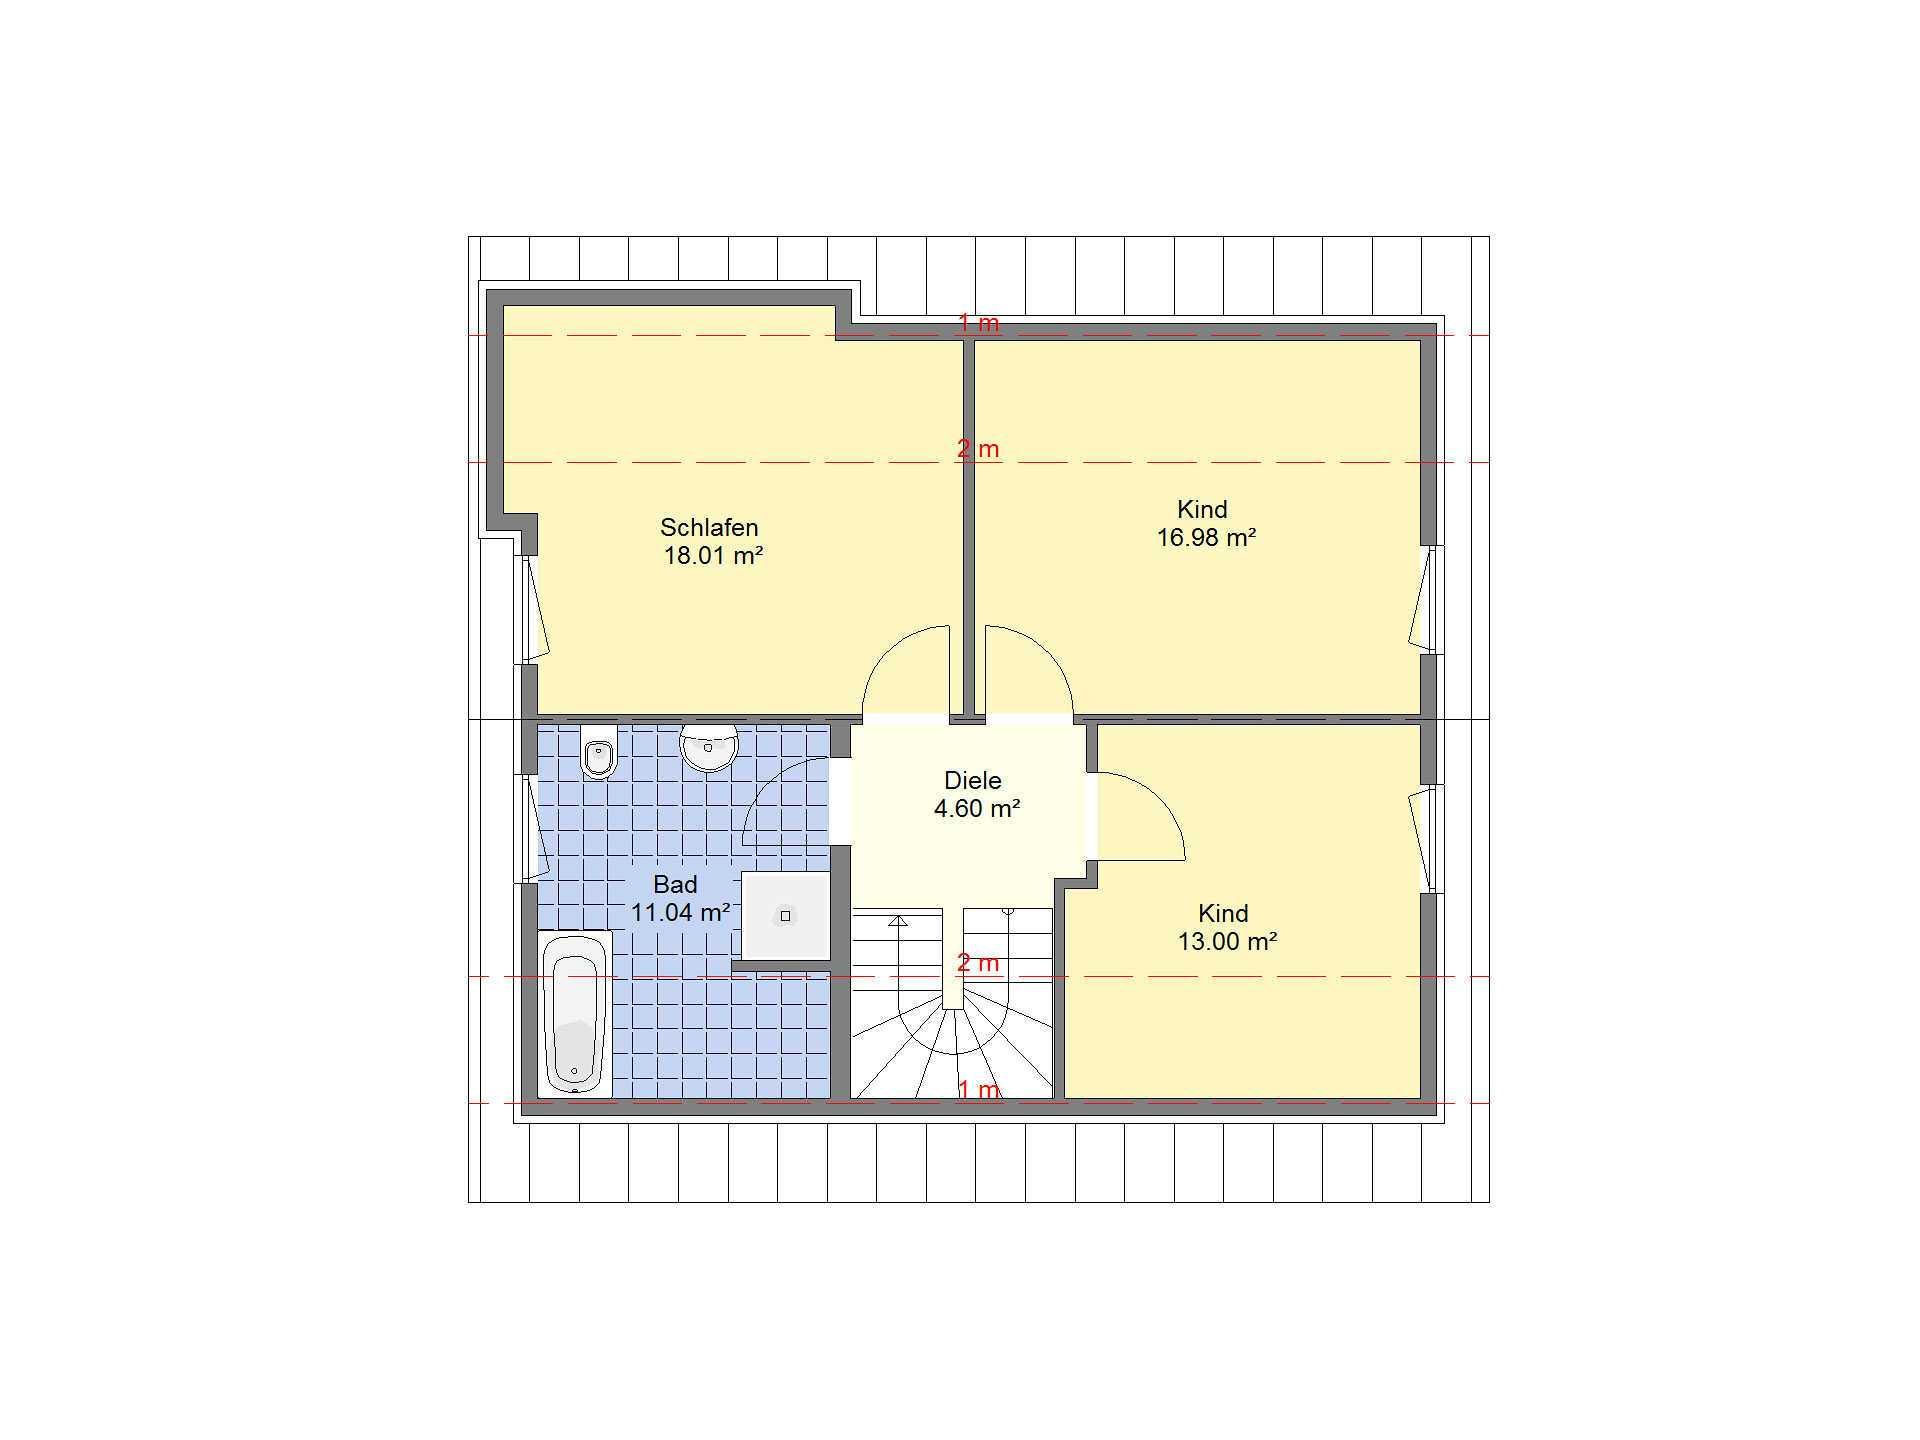 Einfamilienhaus Sonderedition 10 Grundriss DG von Schäfer Fertighaus